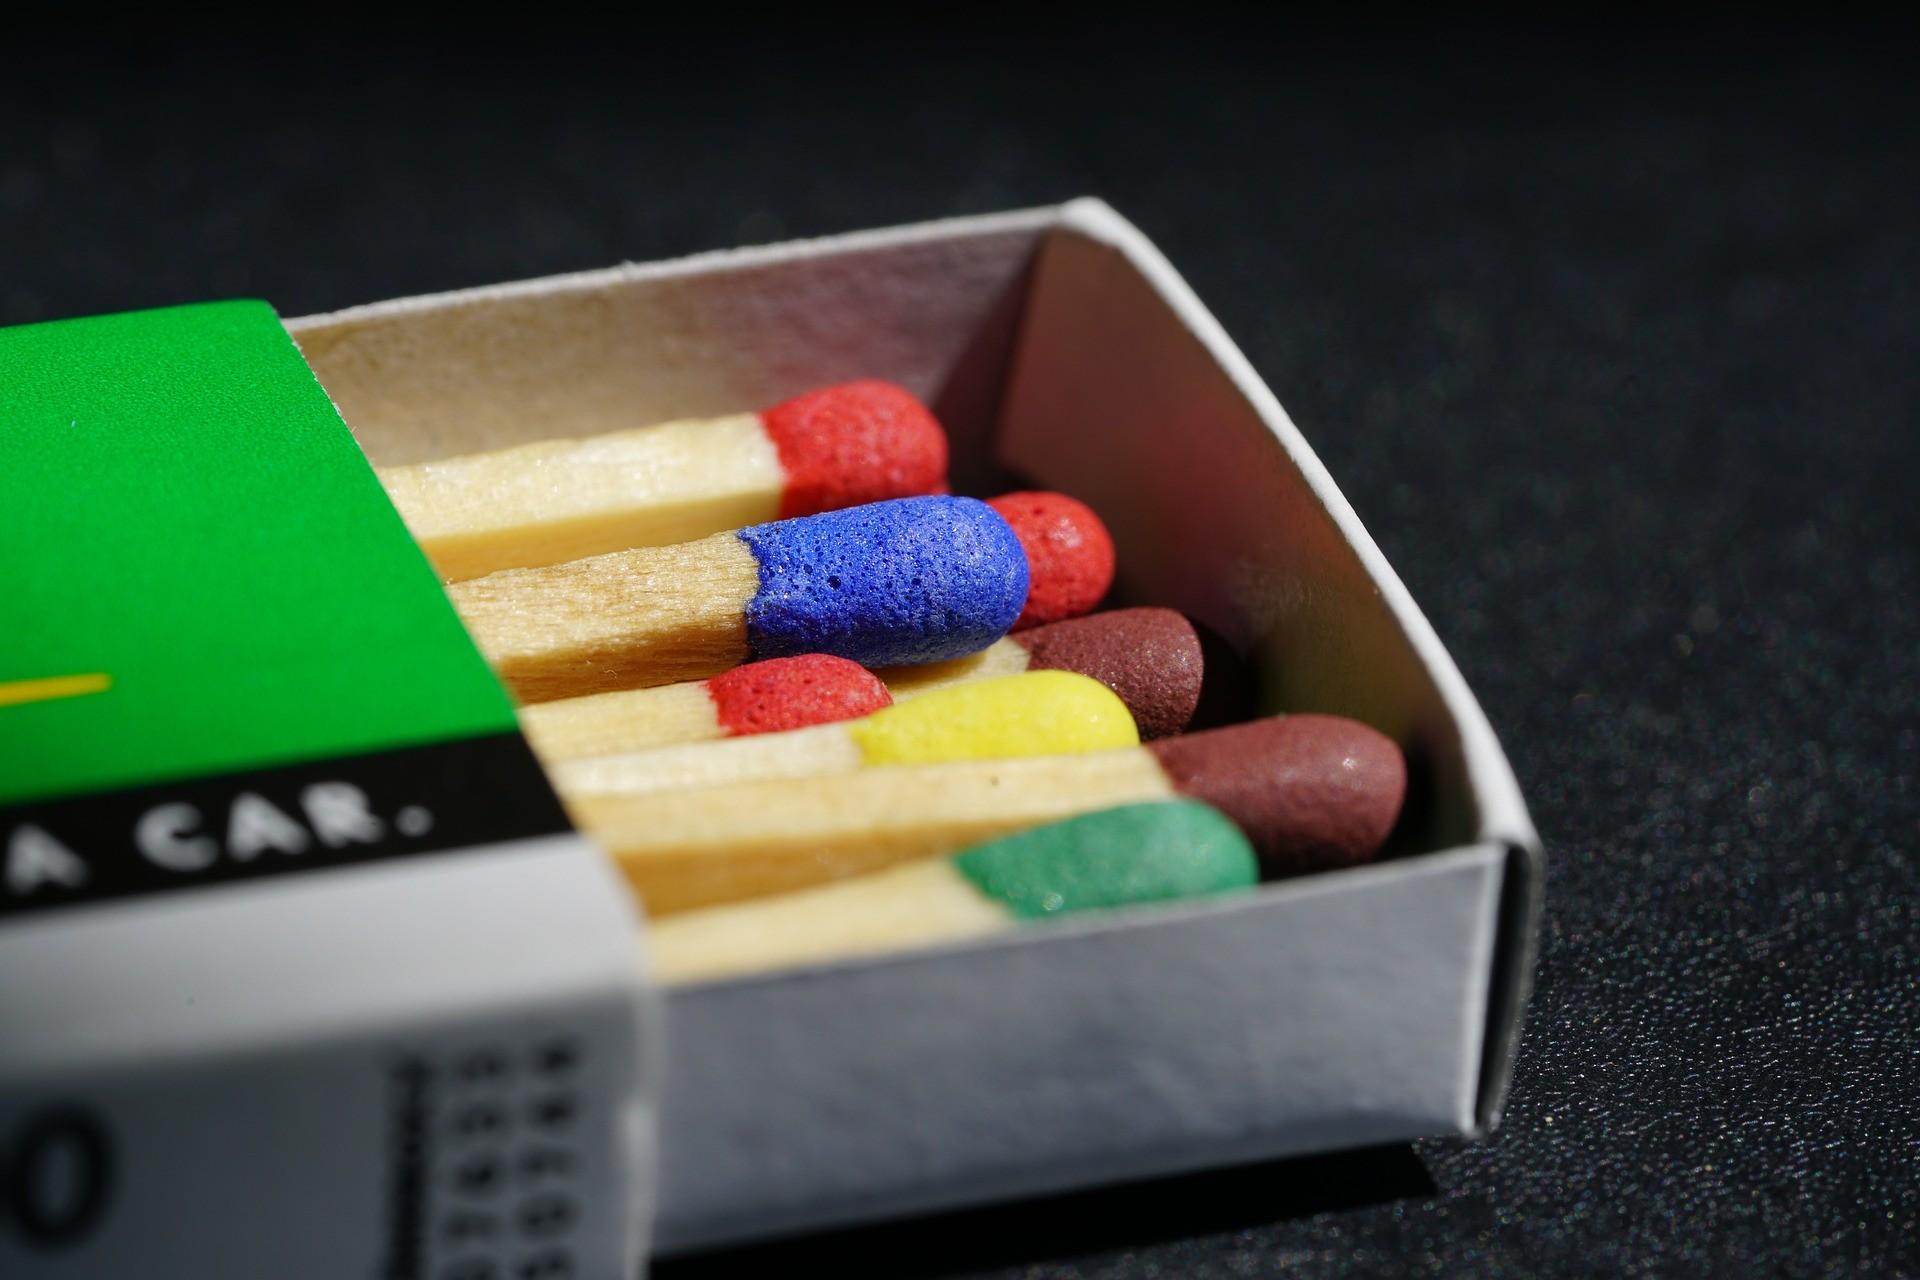 ▲火柴,火柴盒。(圖/取自免費圖庫Pixabay)